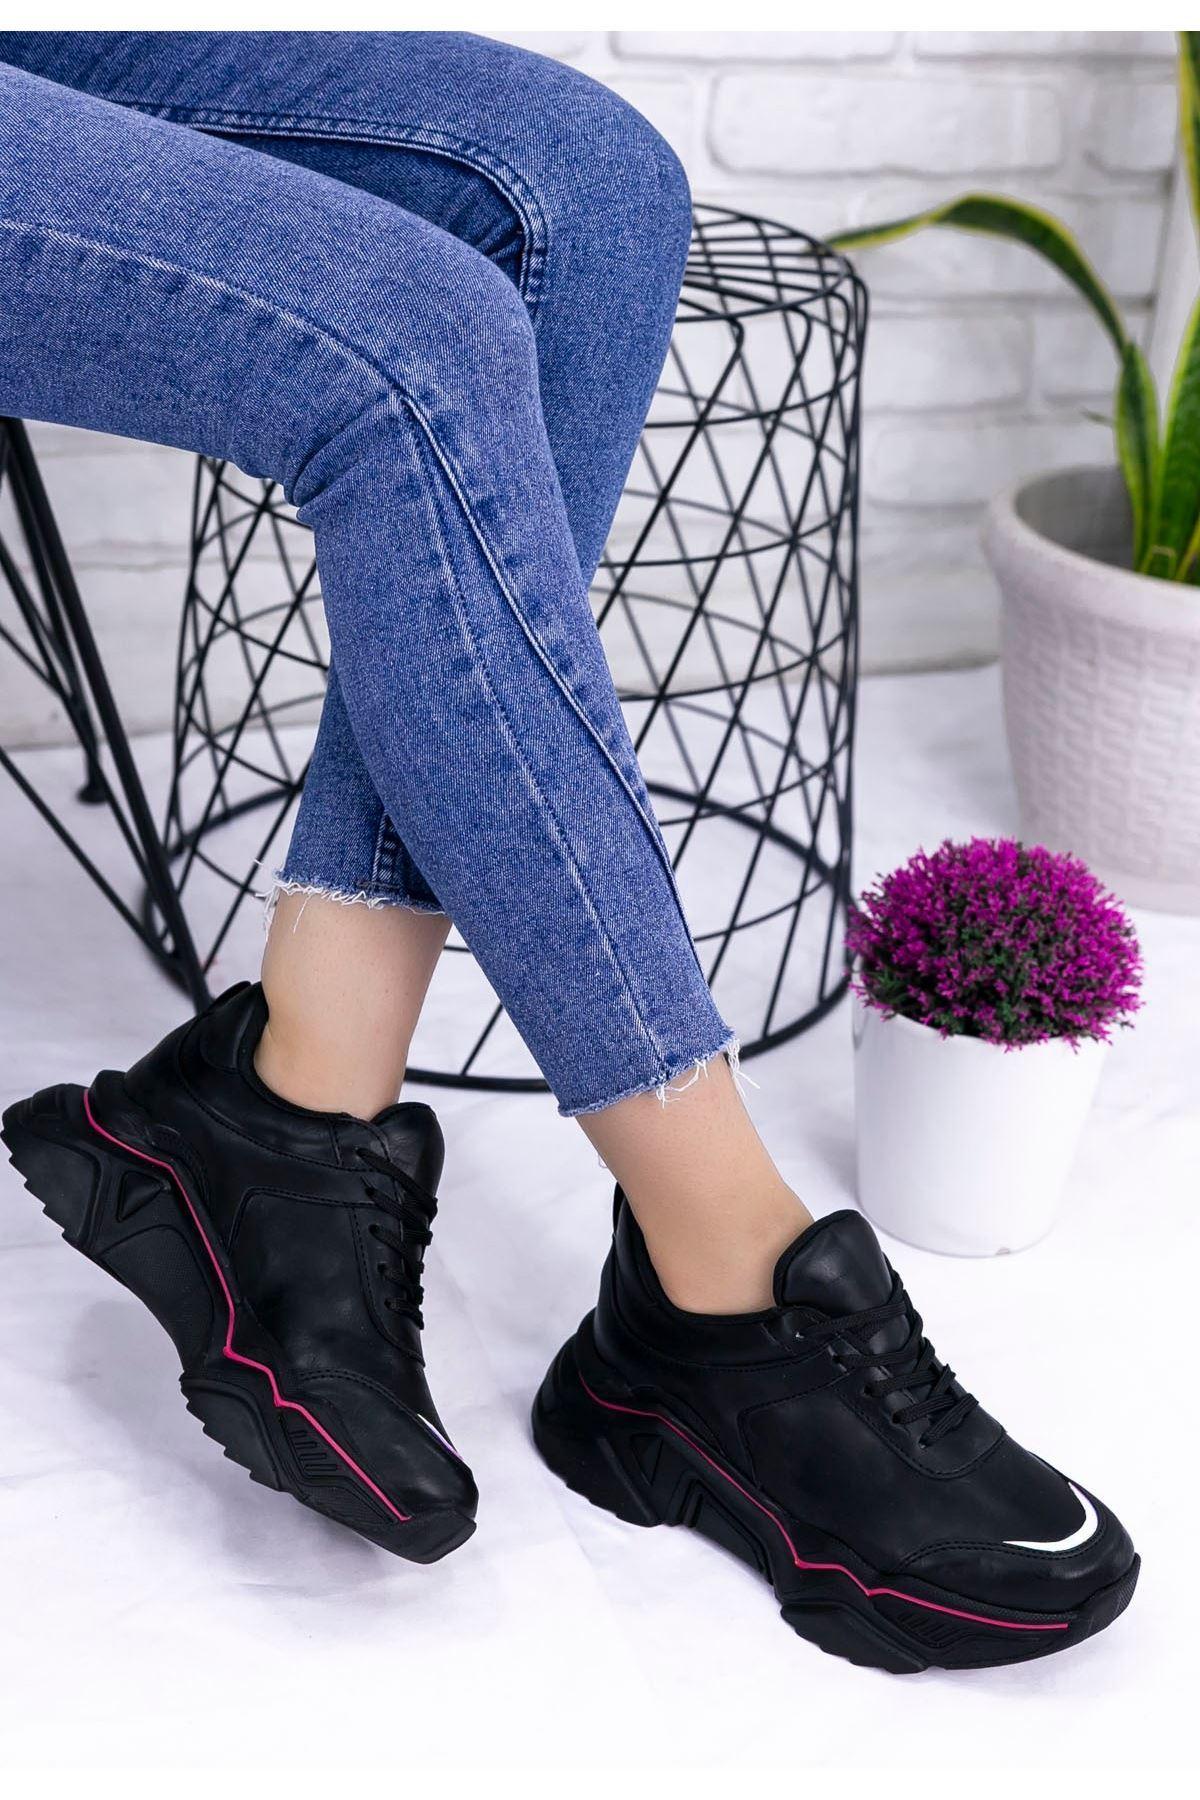 Vira Siyah Cilt Kırmız Şeritli Spor Ayakkabı